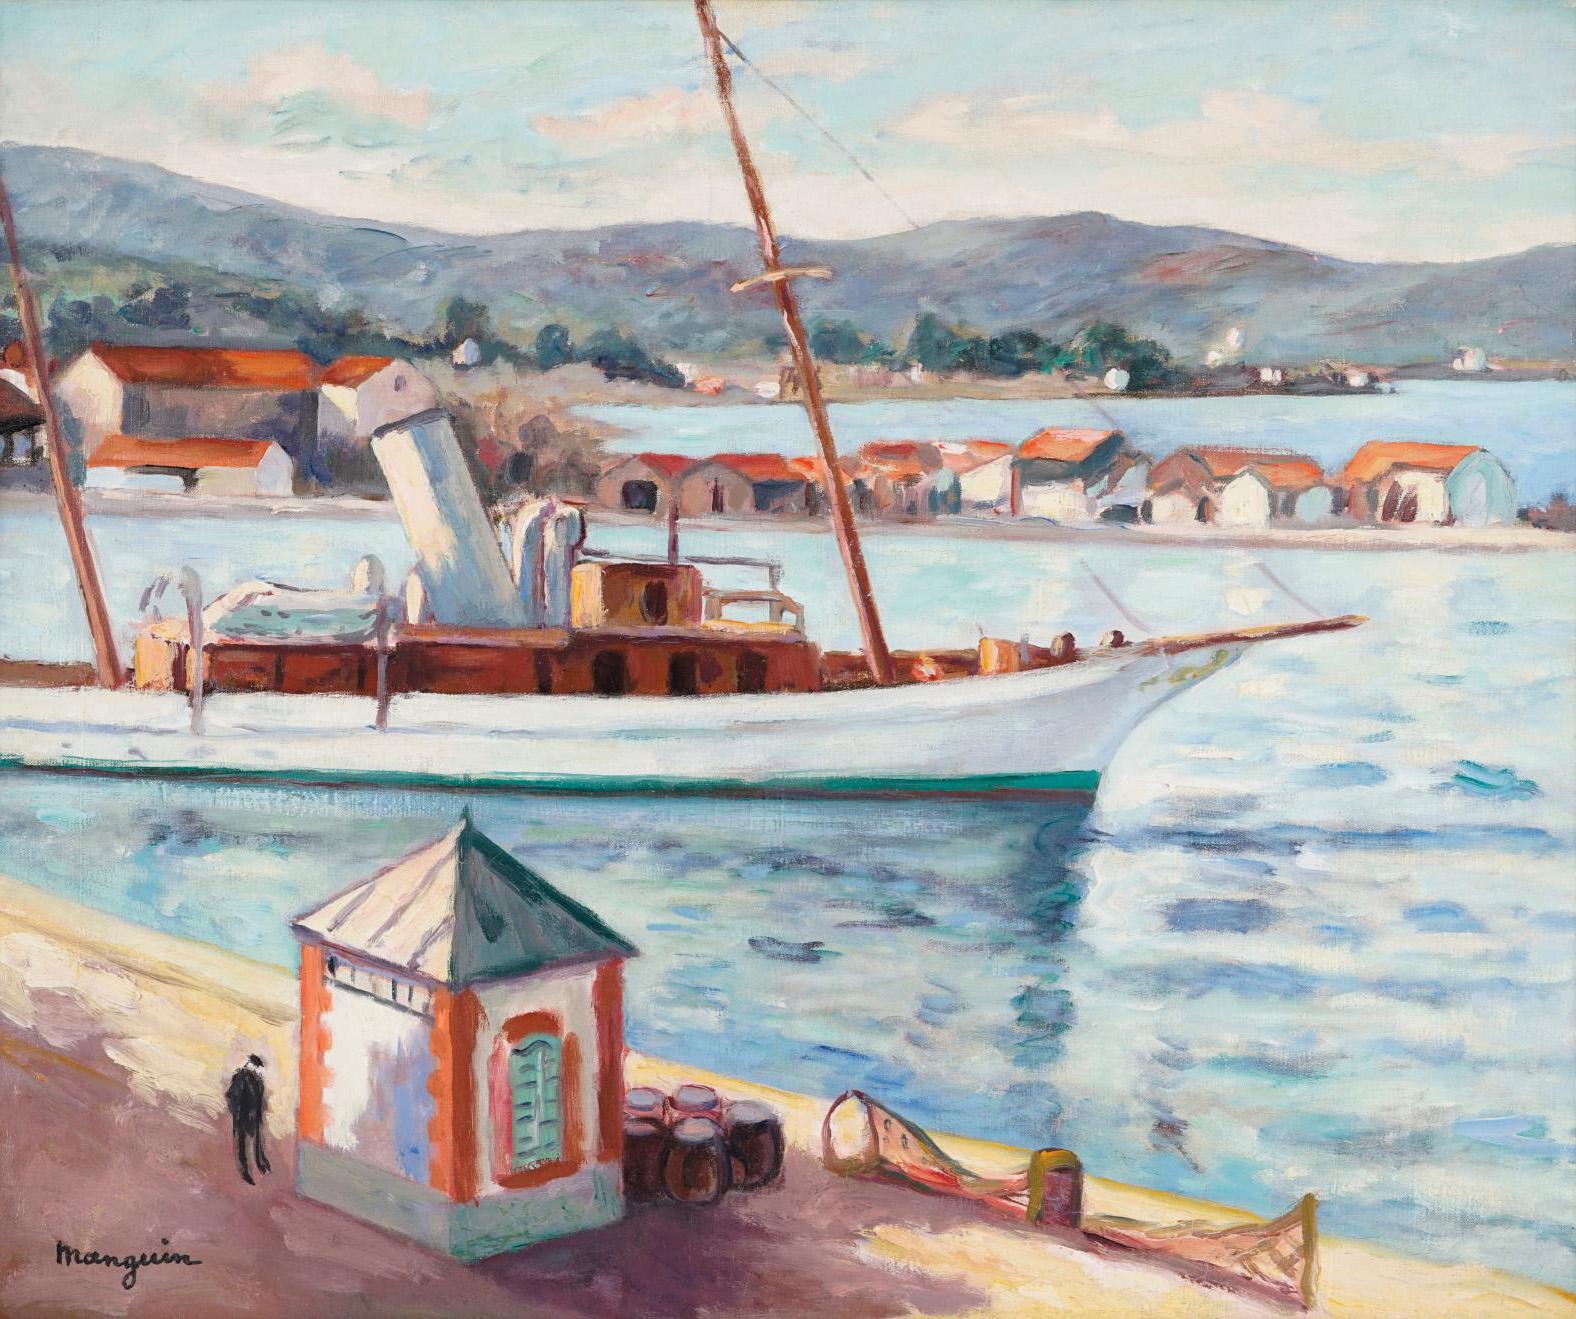 Henri Manguin (1874-1949), Saint-Tropez, l'ancien bureau du port, été automne (Saint-Tropez: former harbor office, summer/autumn), 1927, o